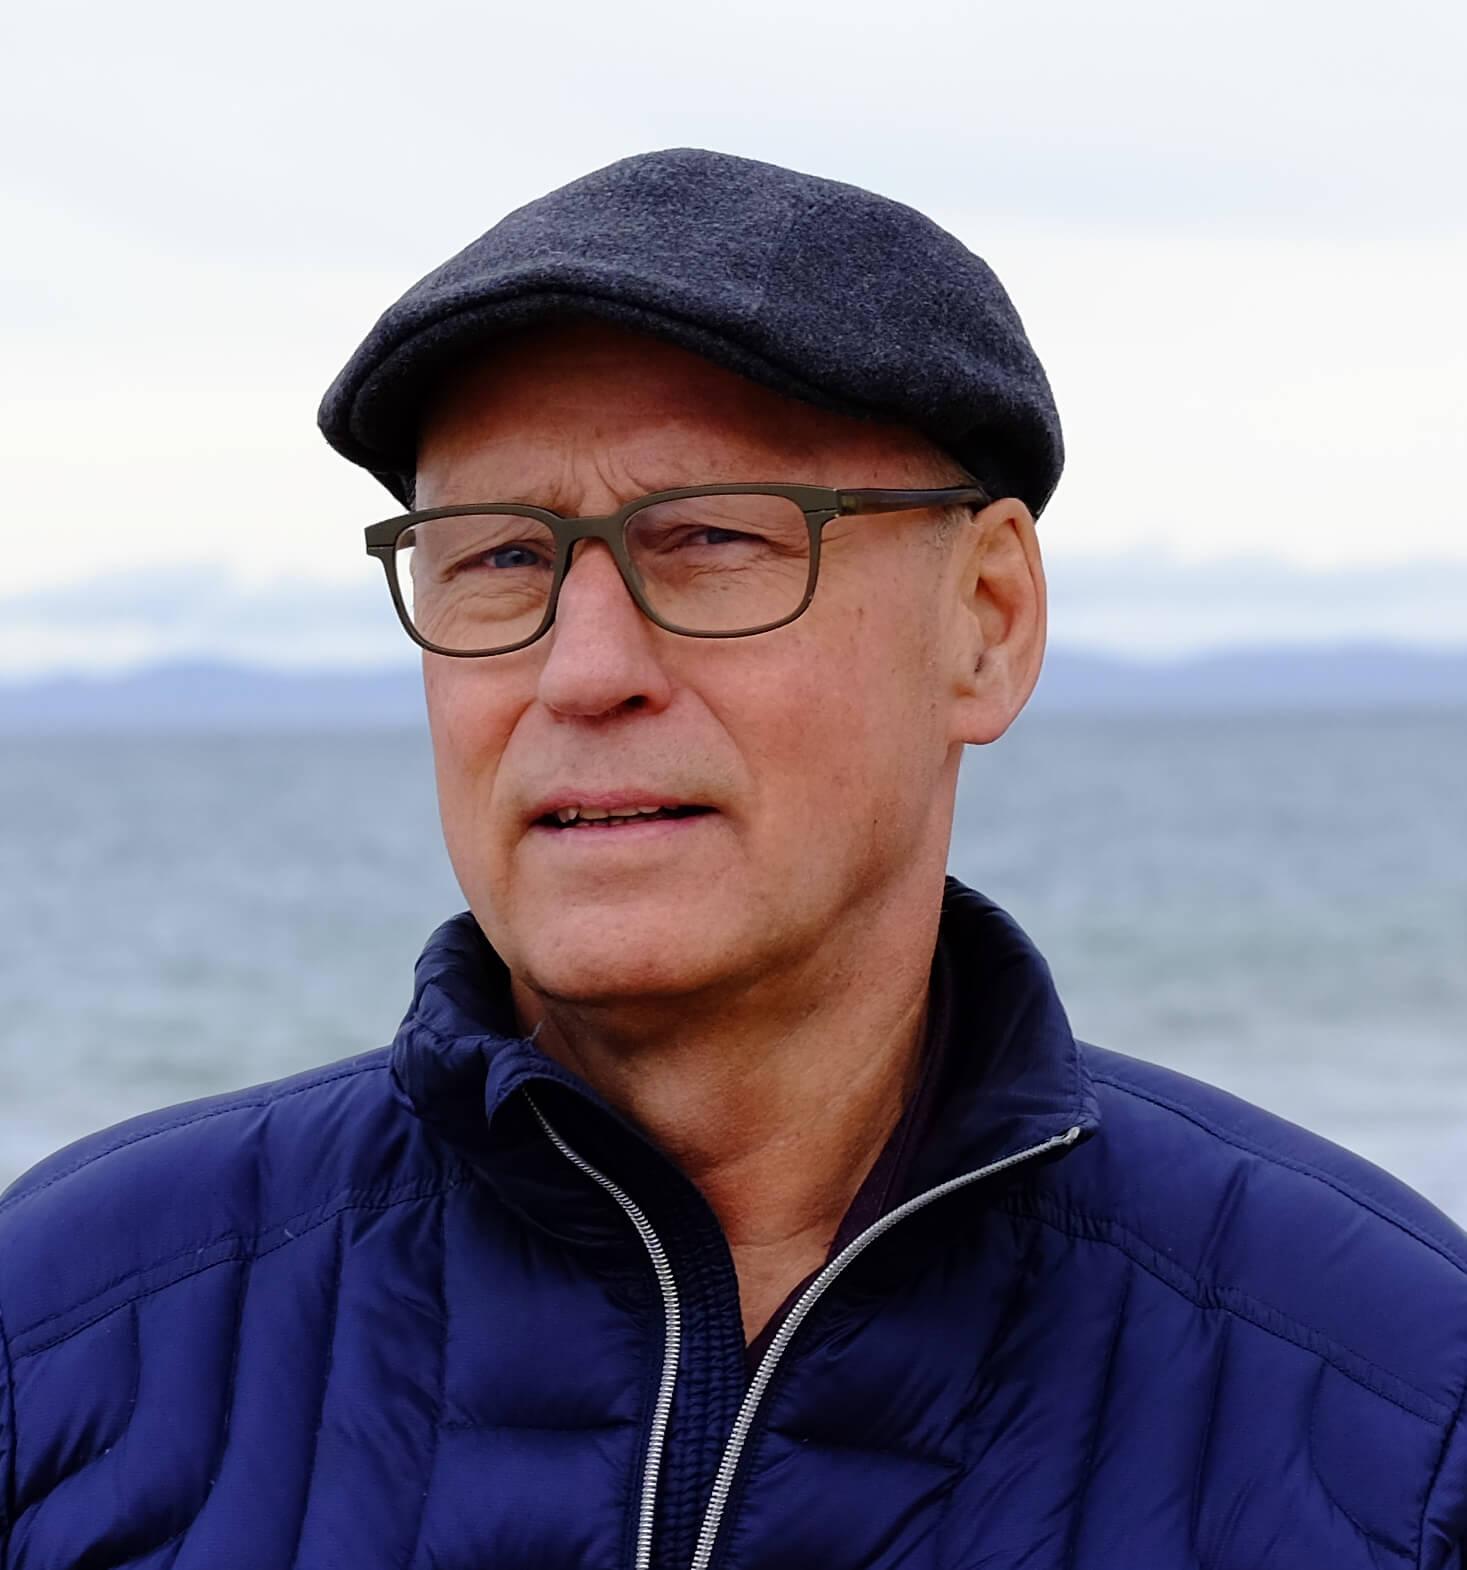 Frank Slemming